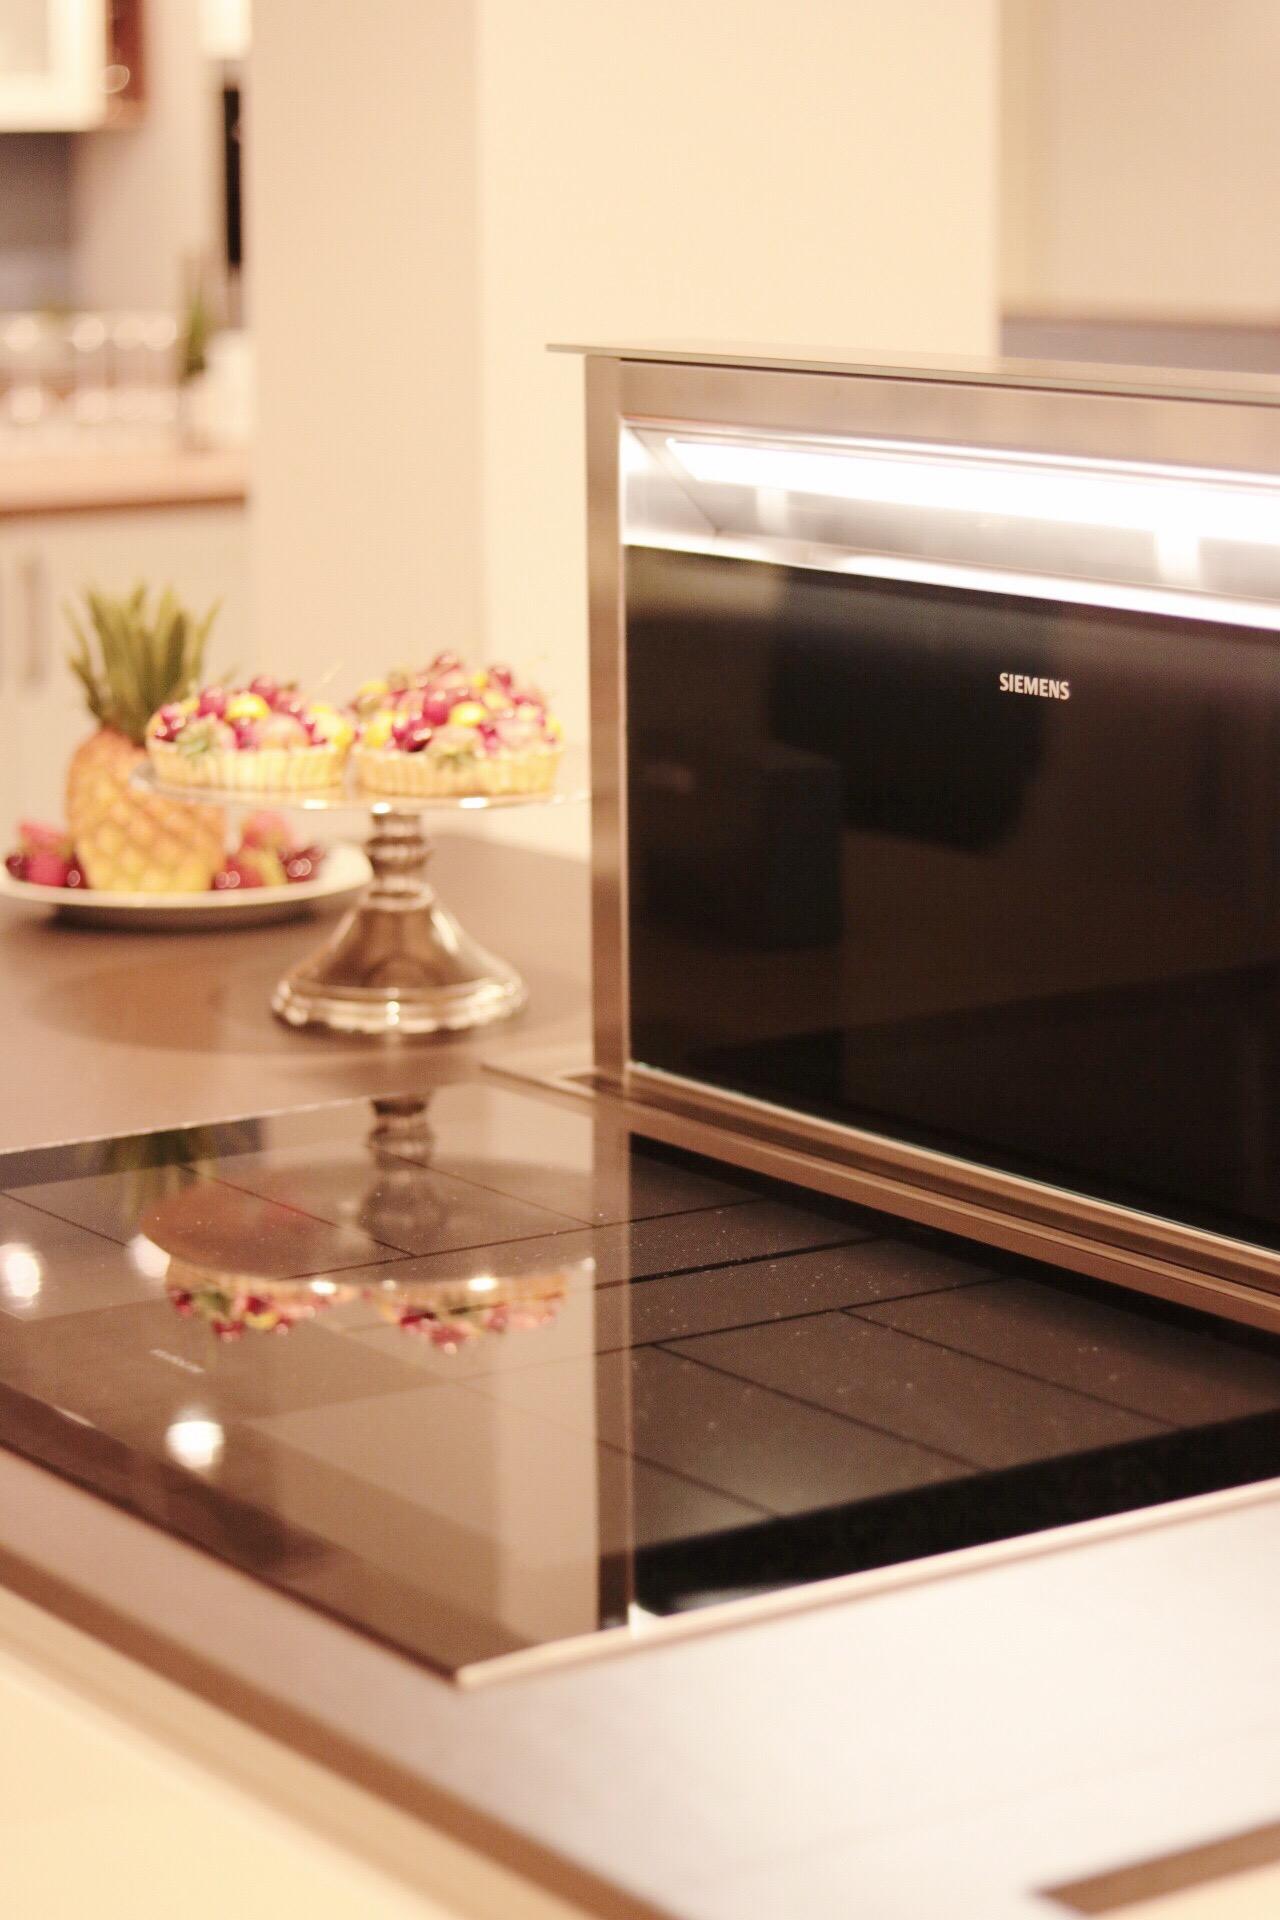 Full Size of Wir Bauen Ein Haus 1 Unsere Kchen Aktuell Erfahrungen Ann Küchen Regal Wohnzimmer Küchen Aktuell